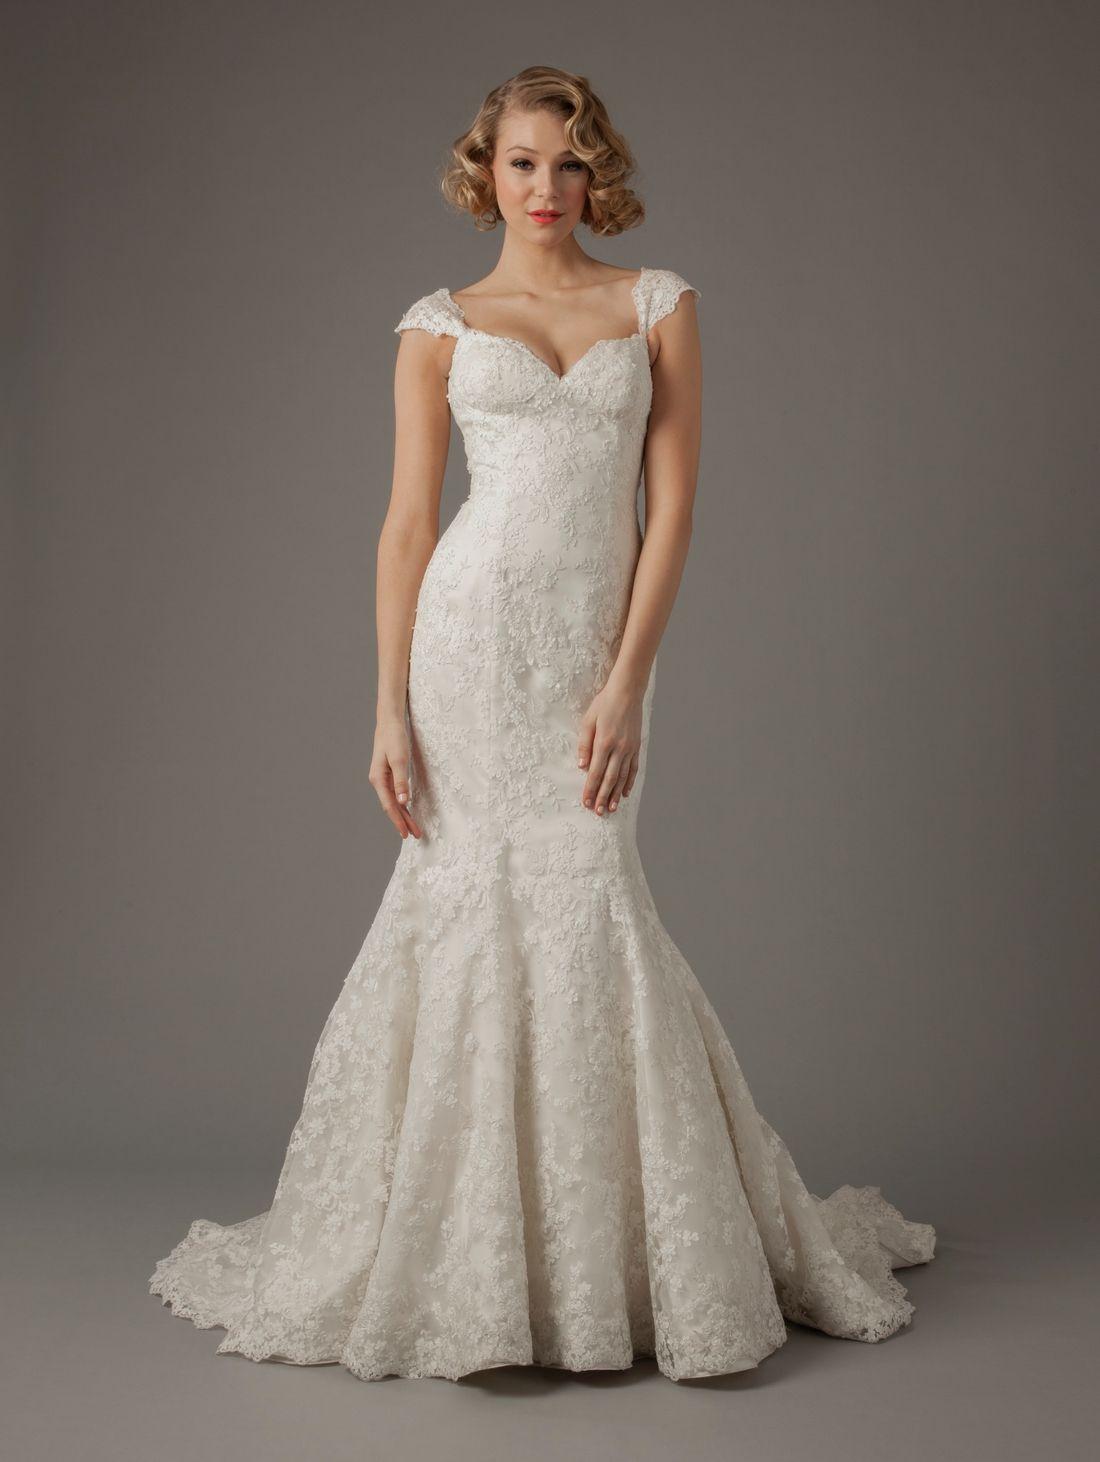 No Waist Bridesmaid Dresses